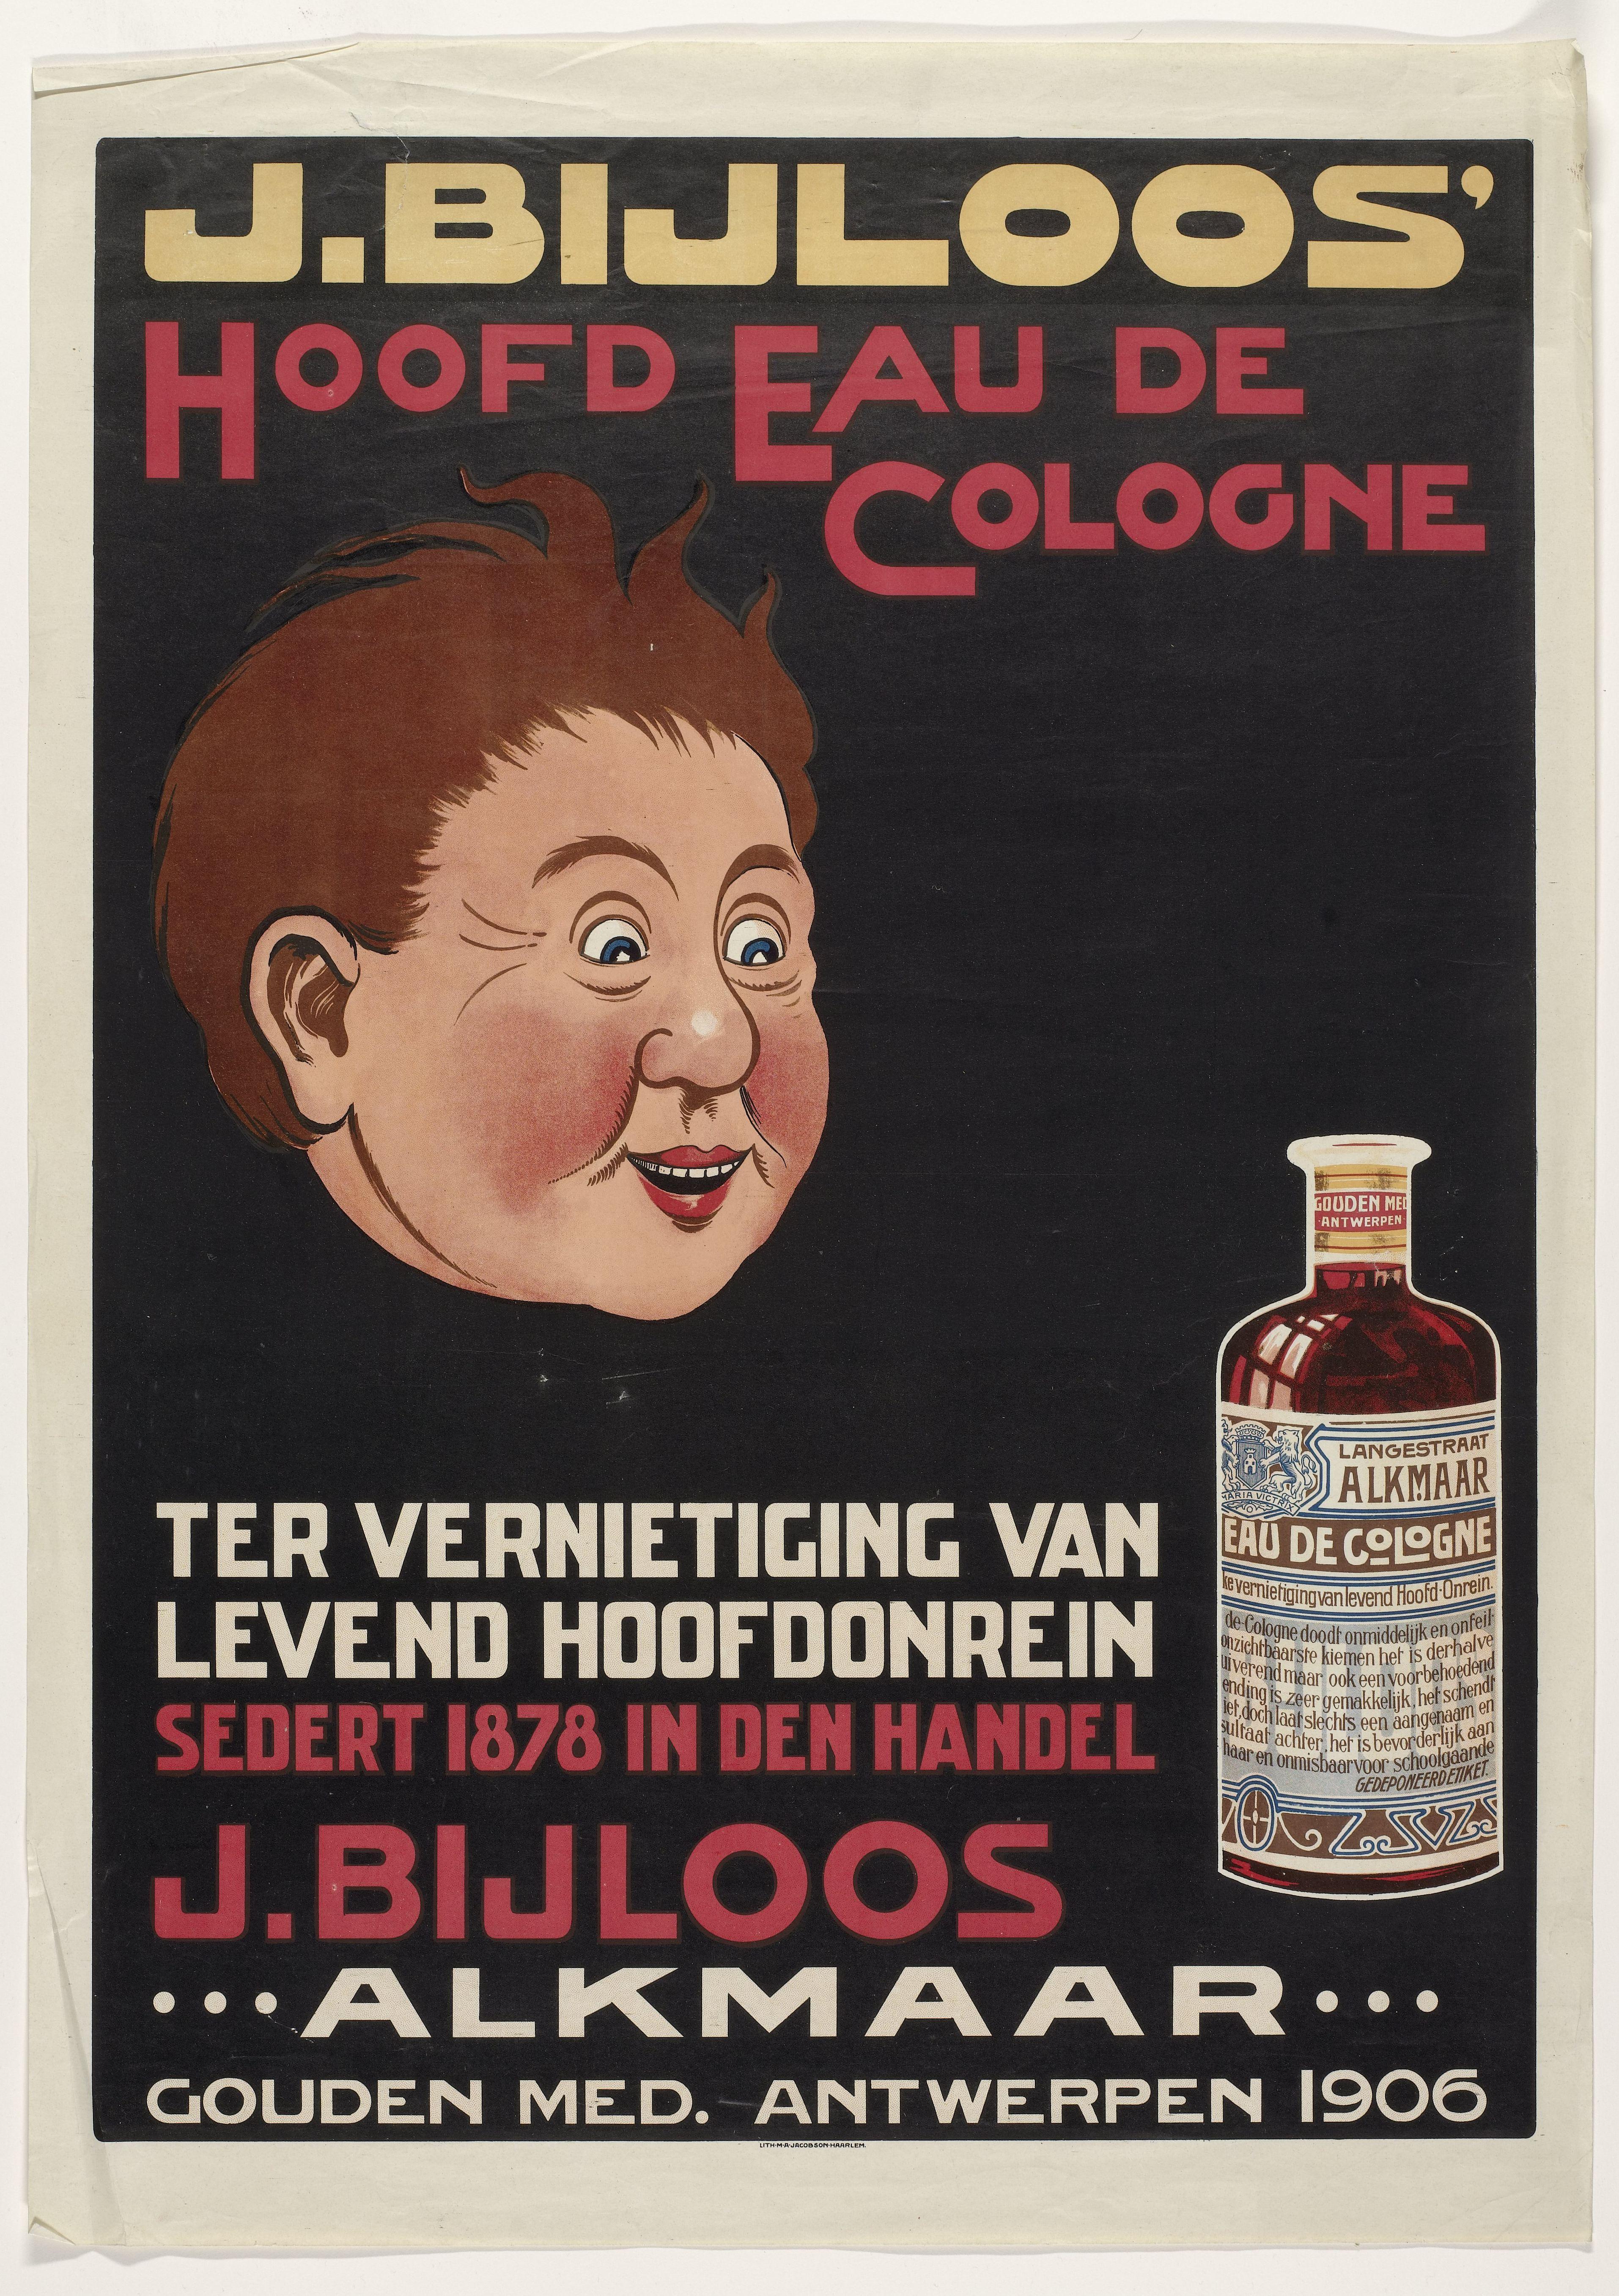 blog eau de cologne als medicijn